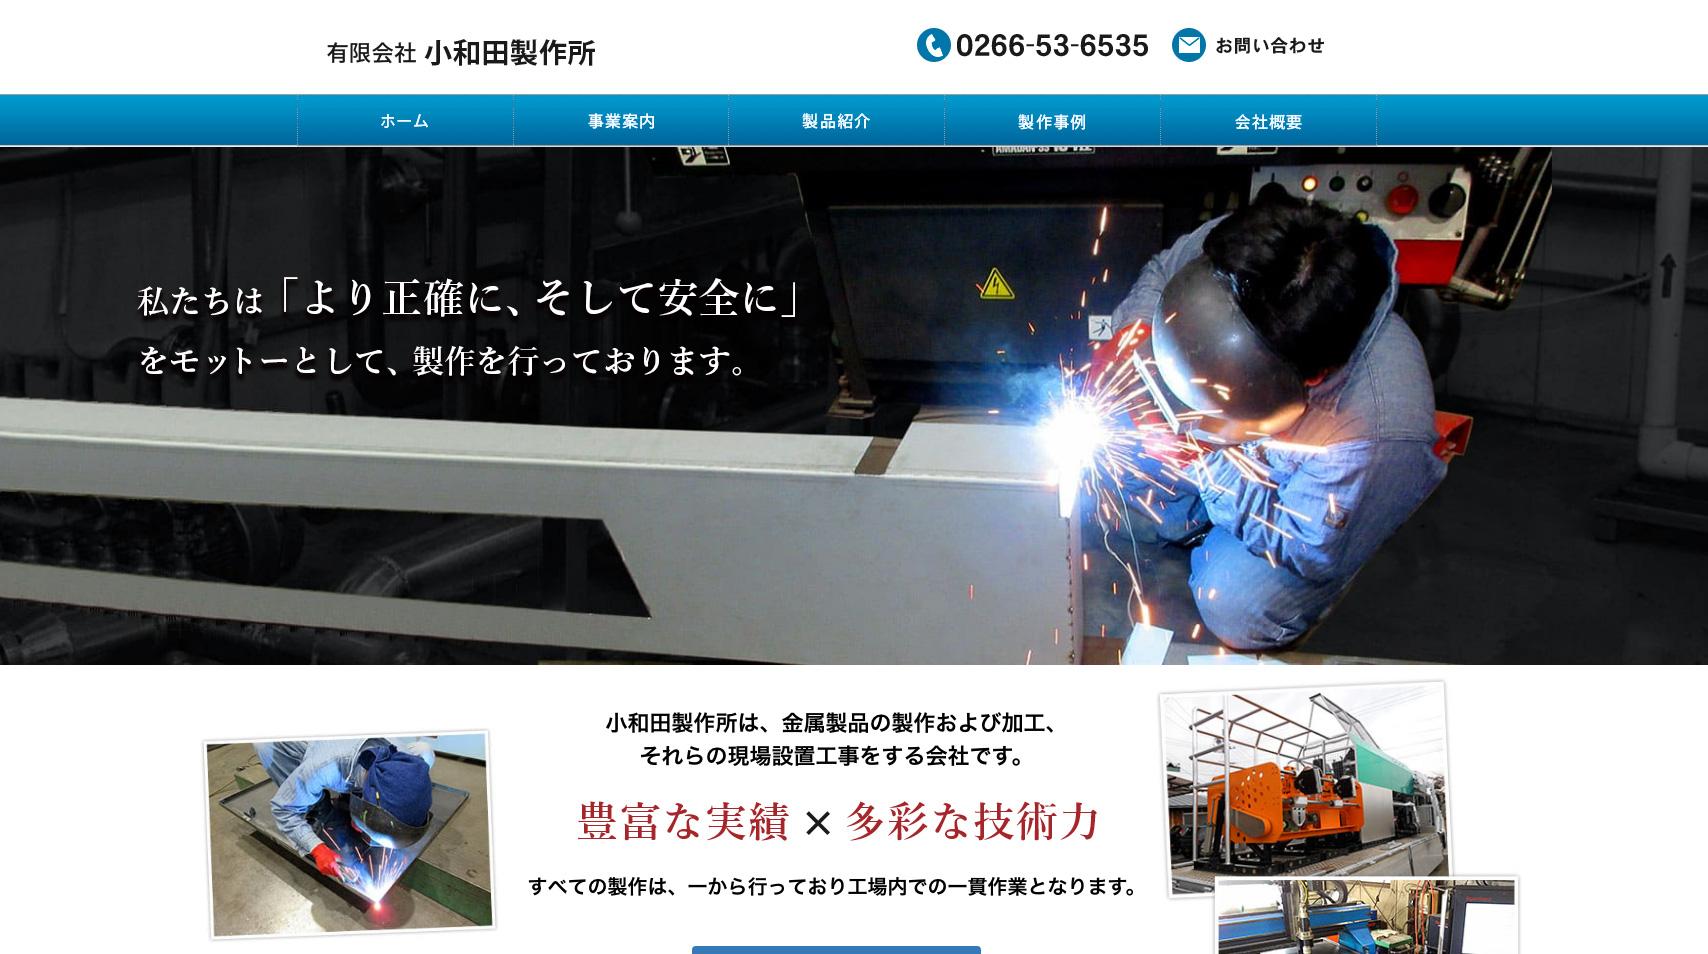 小和田製作所様のホームページが誕生しました。